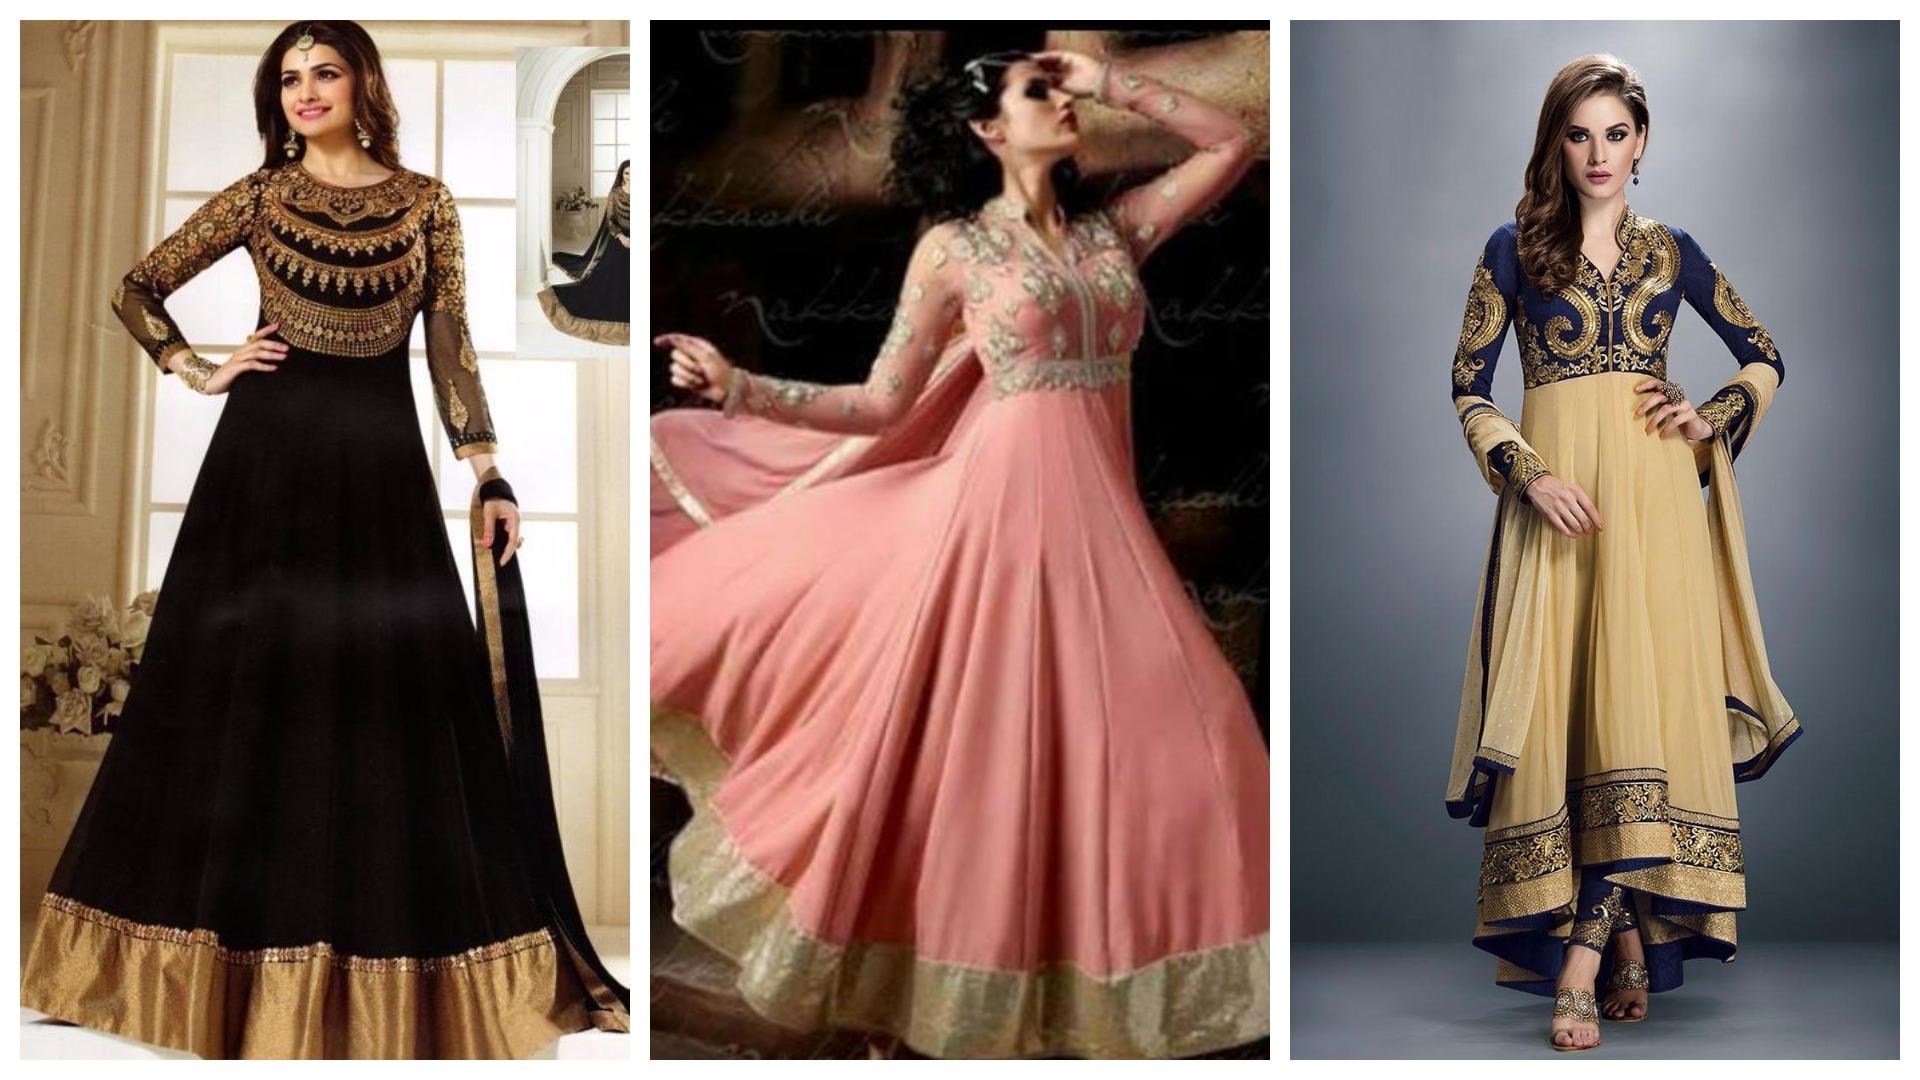 بالصور تسوق ملابس , اروع صور هوس التسوق 3495 5